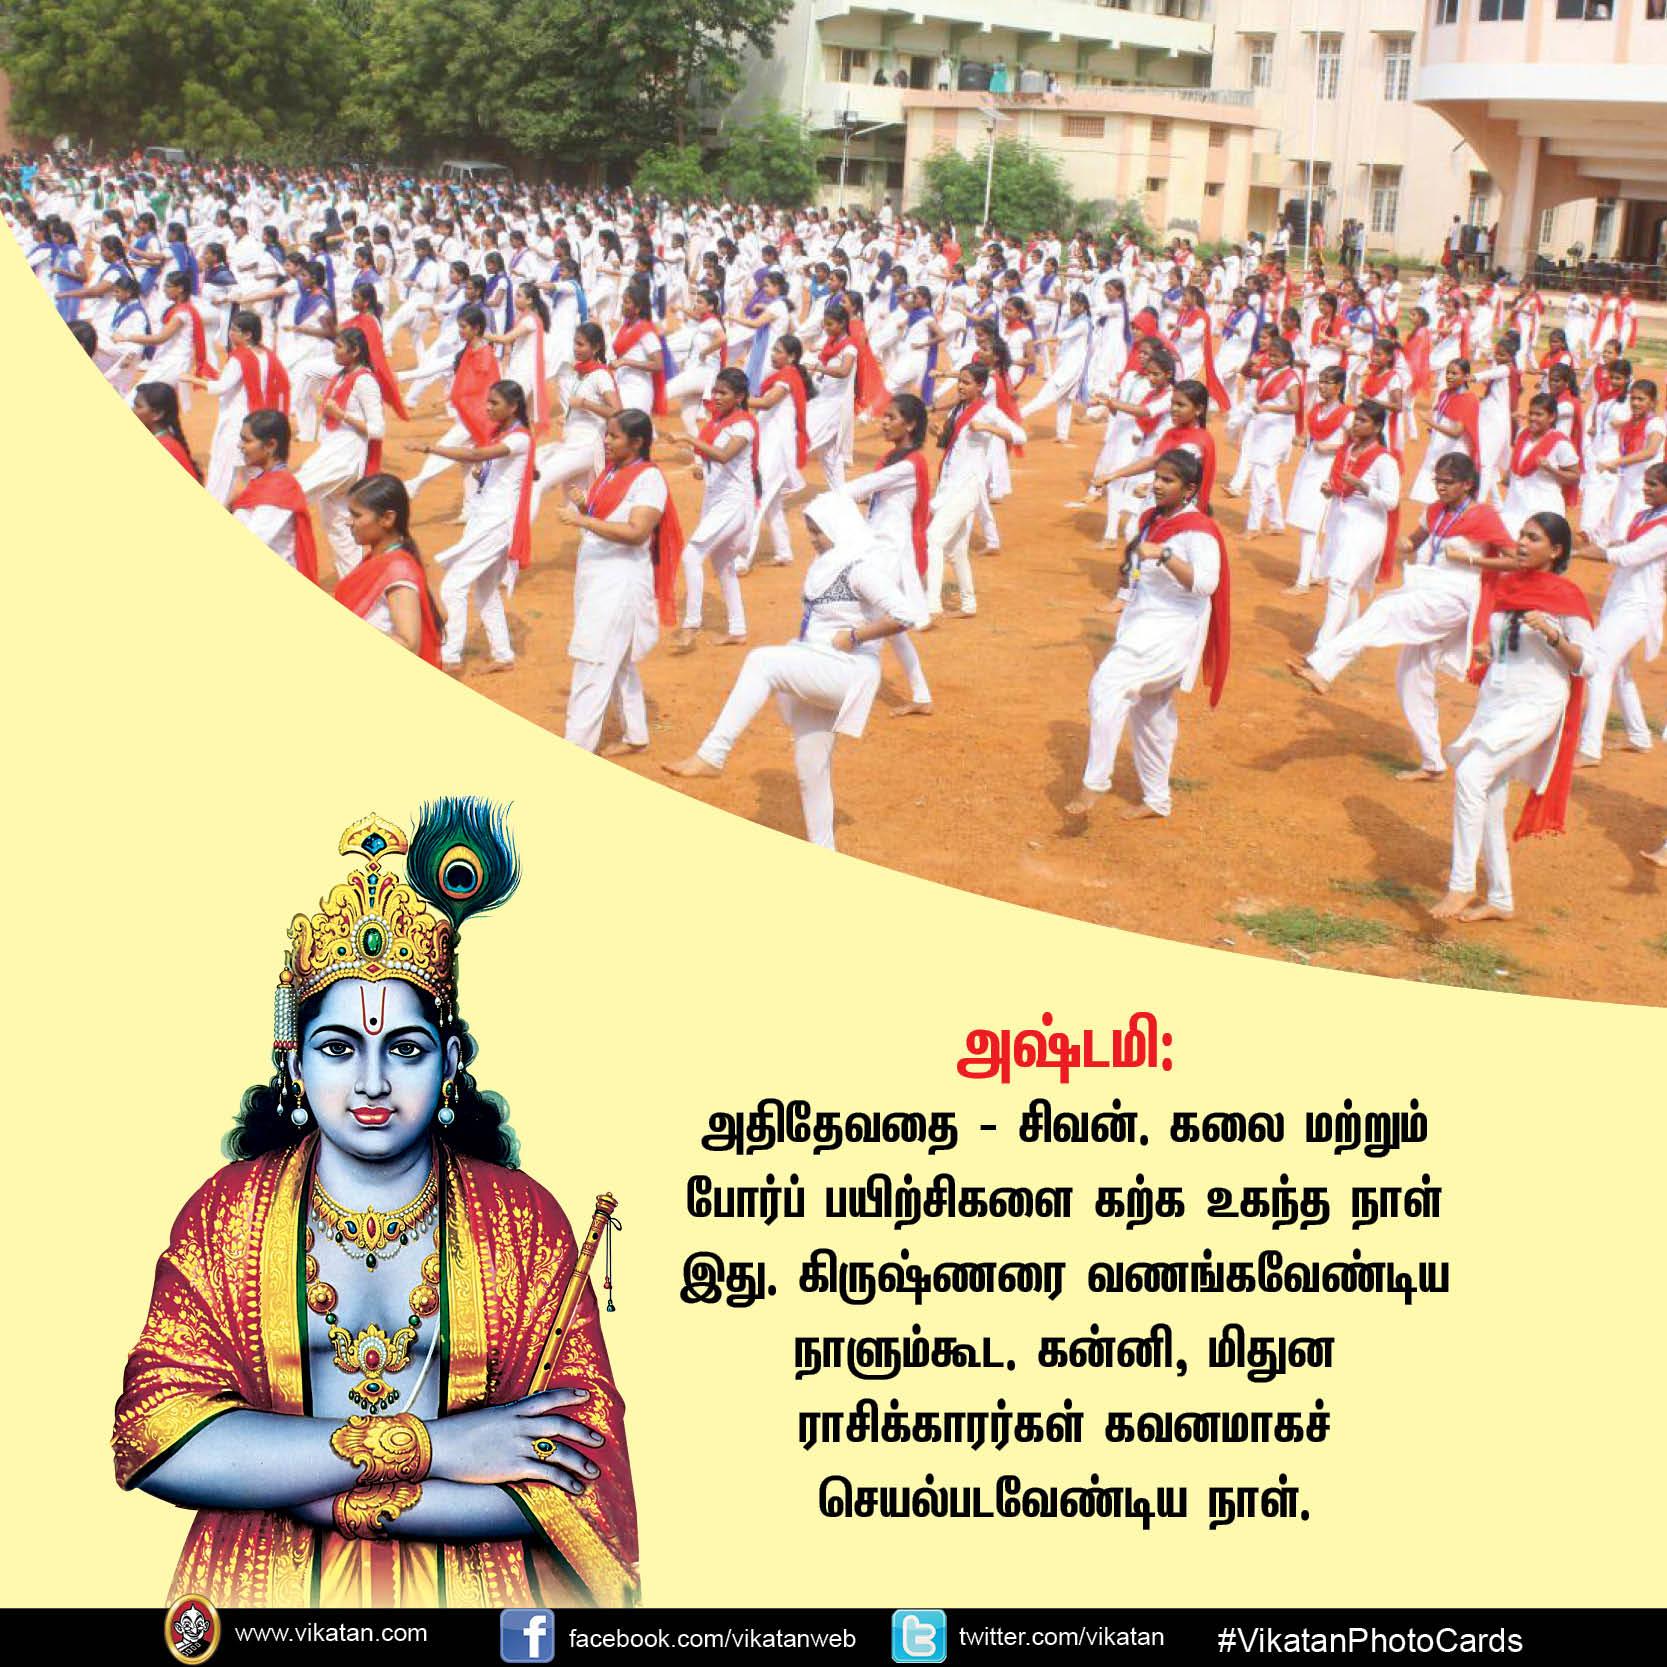 ஒவ்வொரு திதியிலும் 12 ராசிக்காரர்களும் வழிபடவேண்டிய தெய்வங்கள்! #VikatanPhotoCards